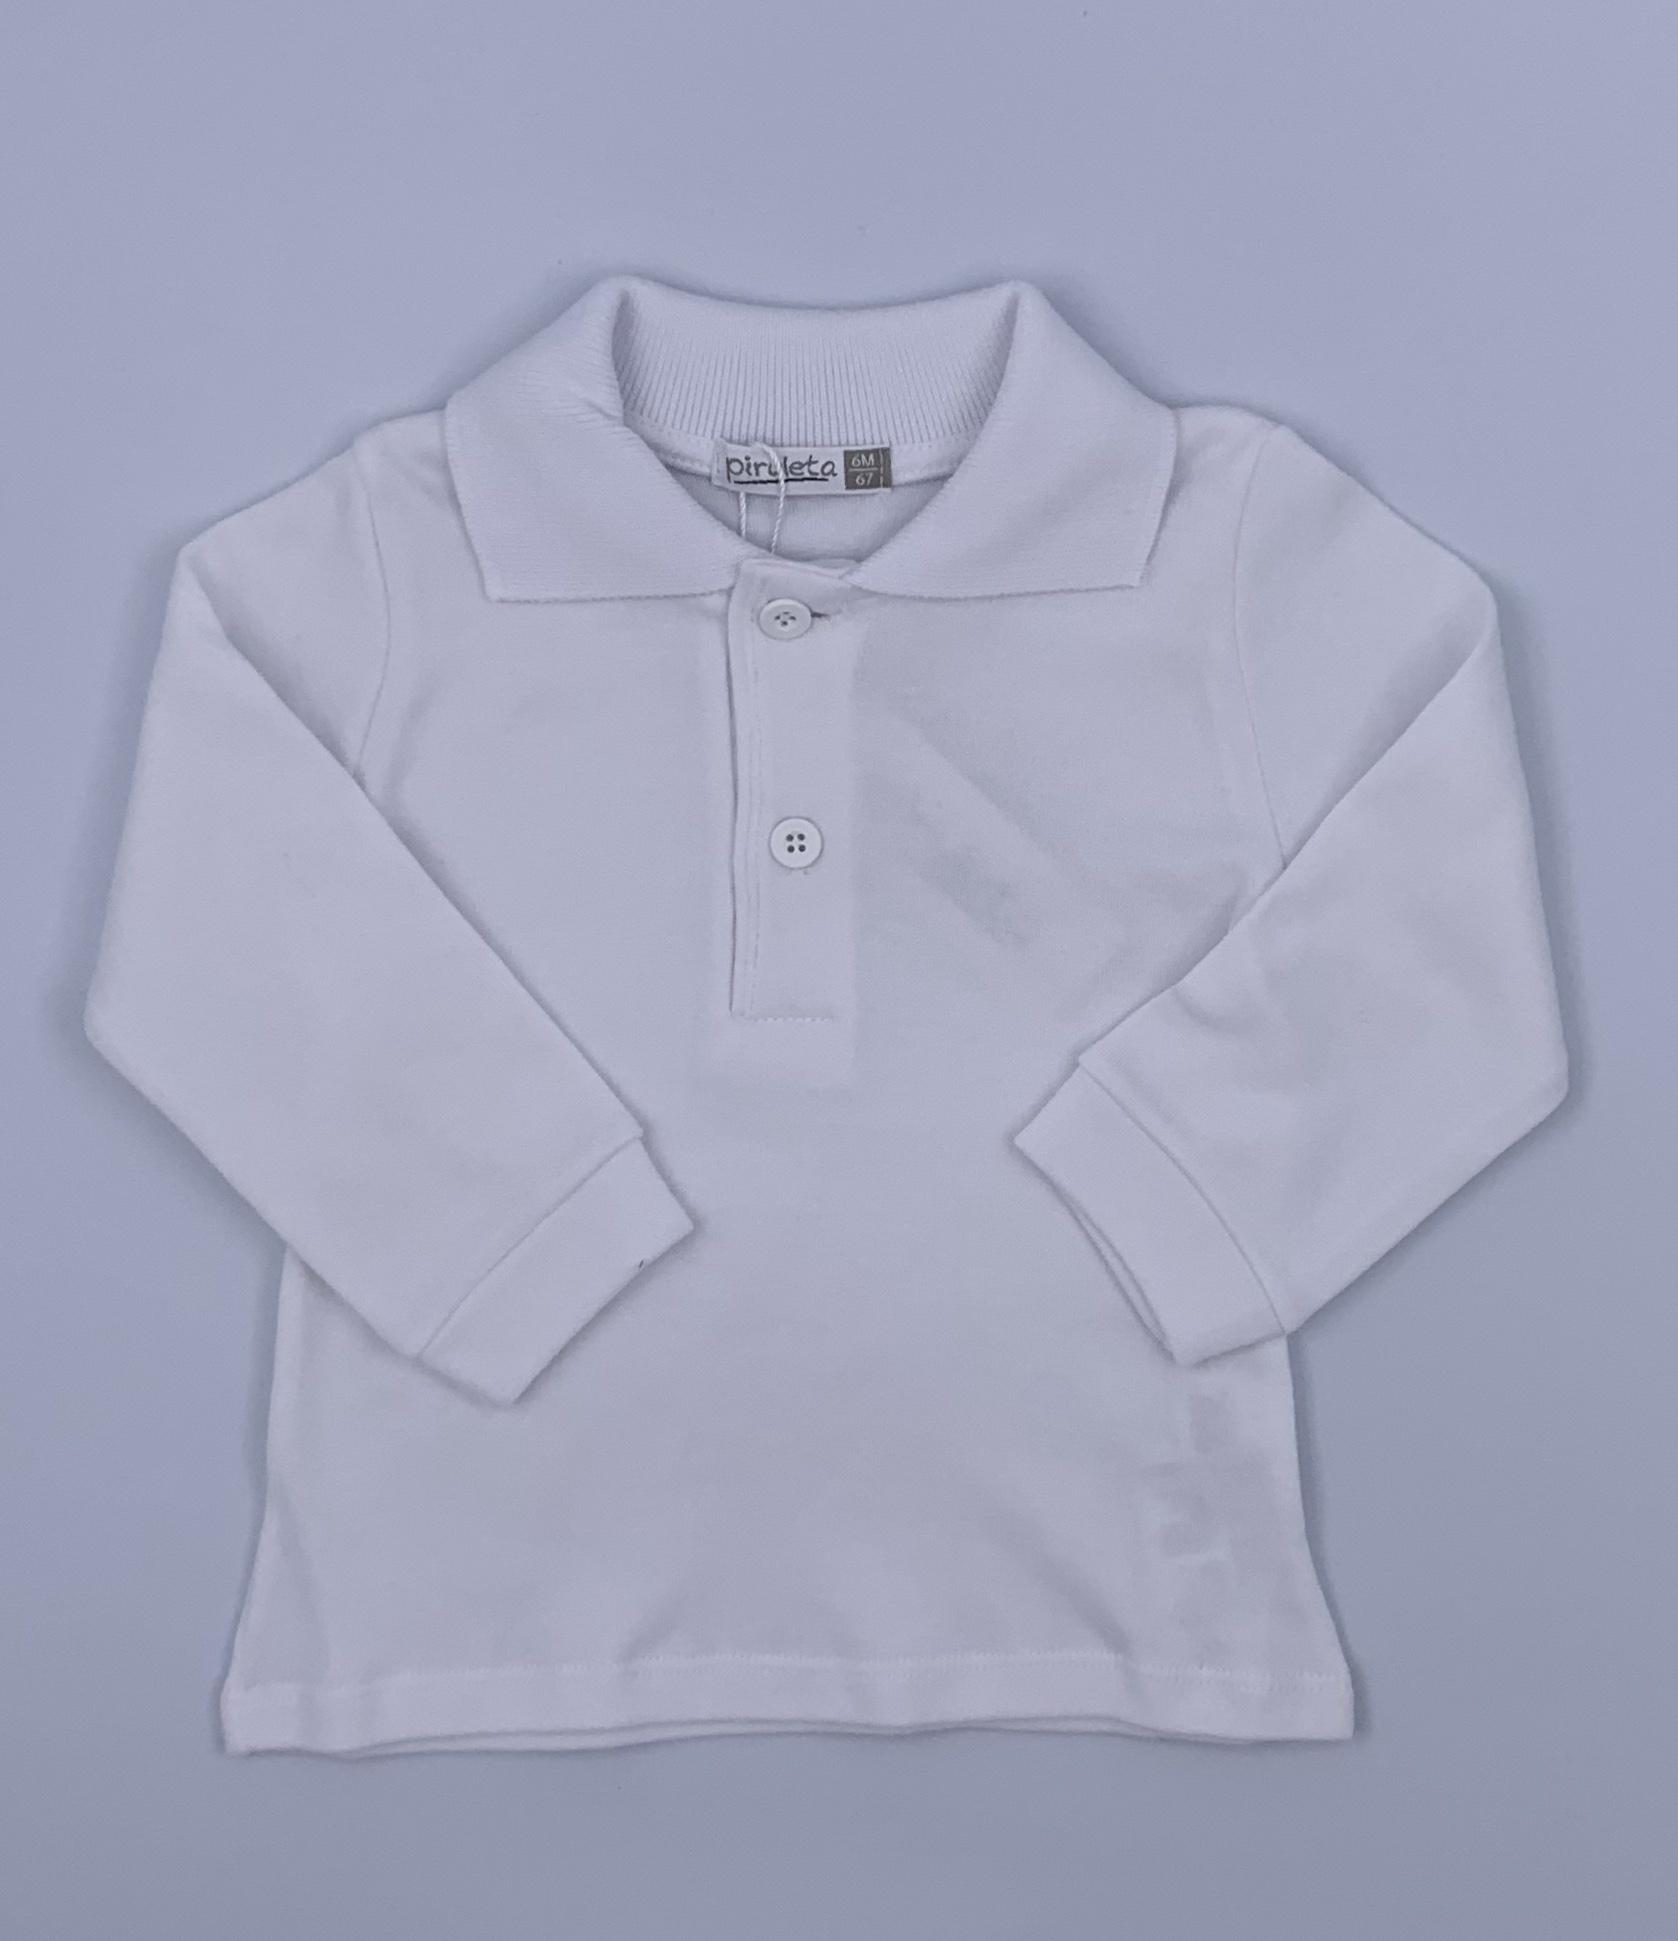 Piruleta Piruleta White Polo Shirt